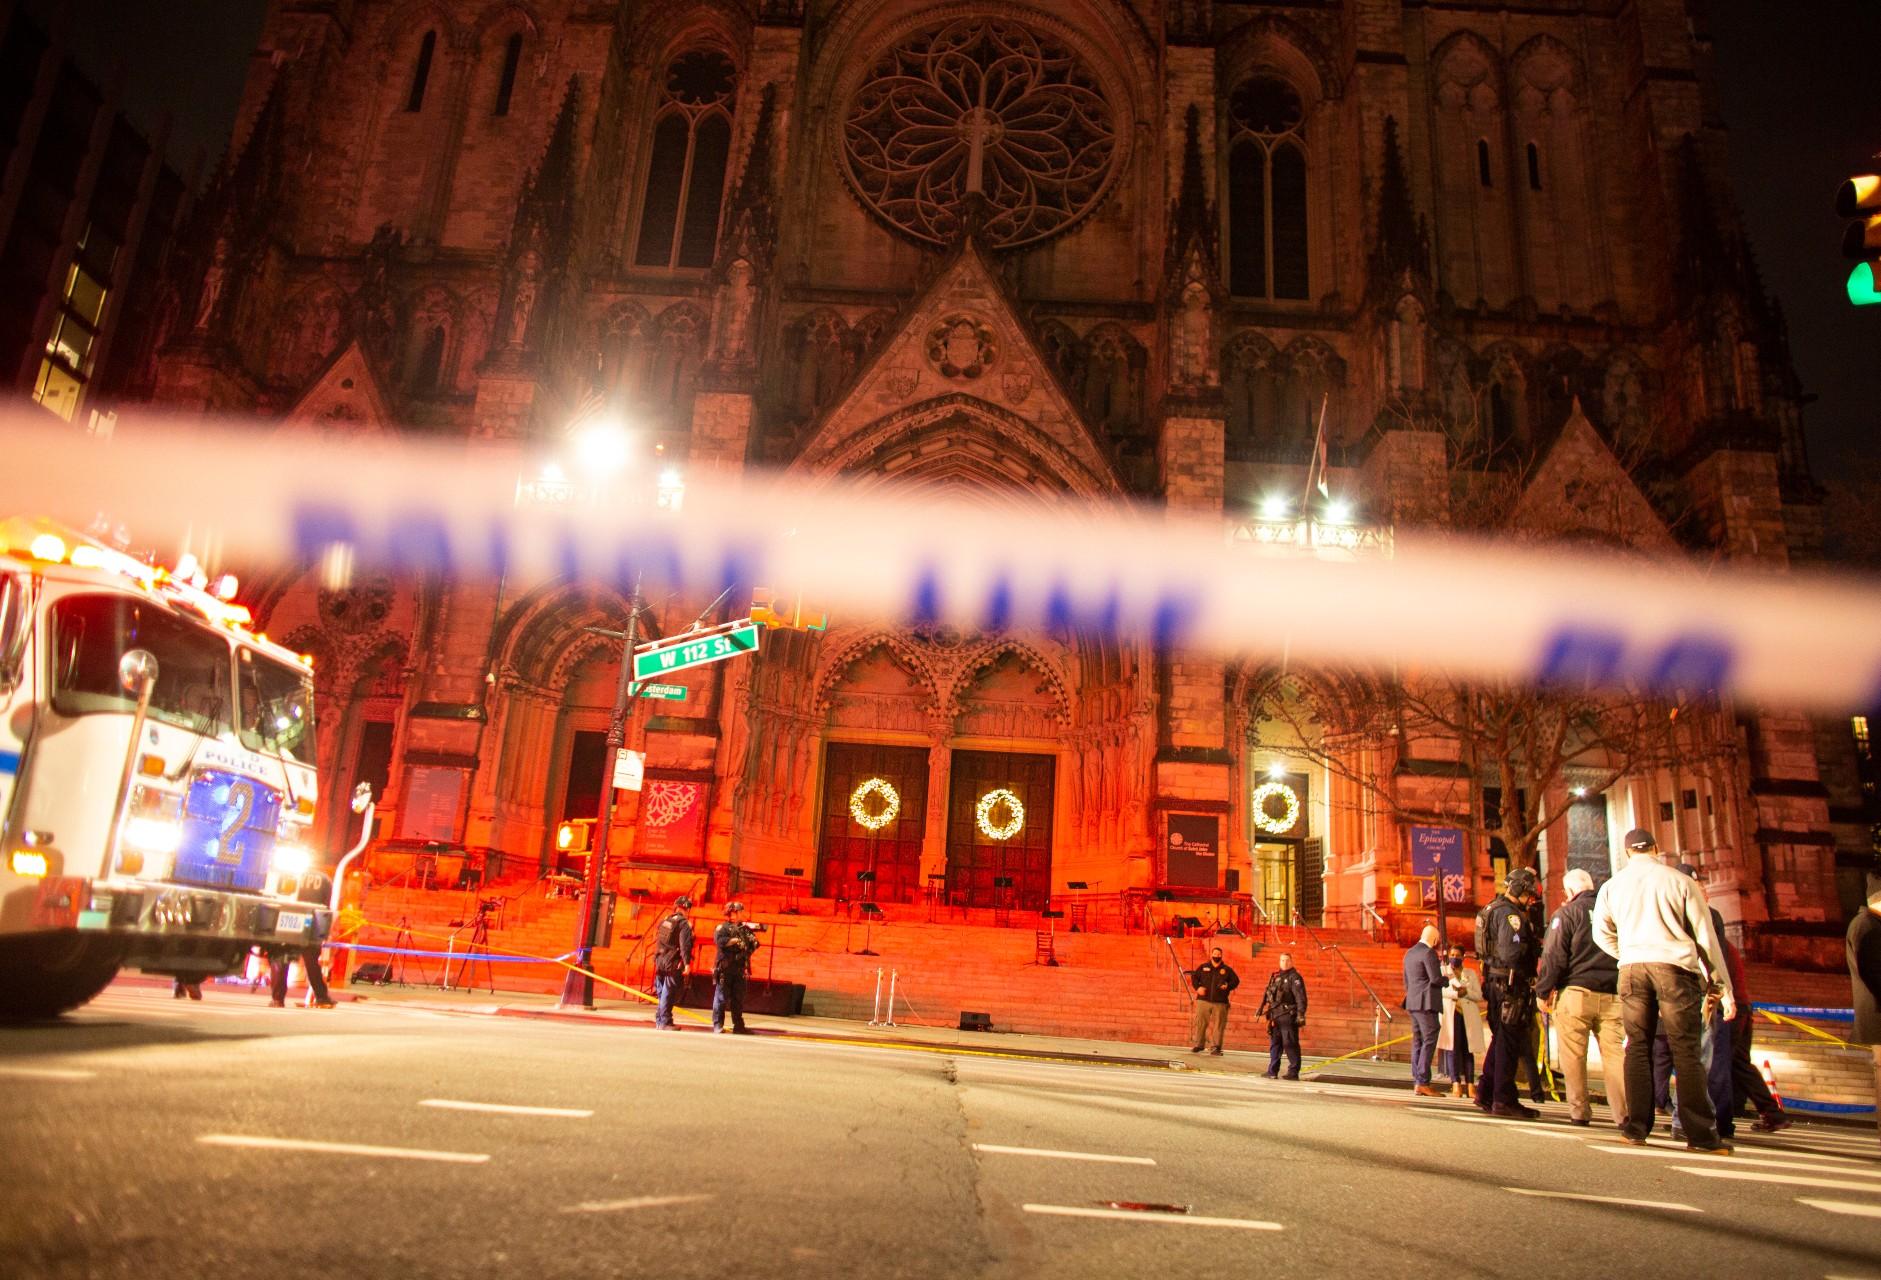 Tiroteo en iglesia de Nueva York